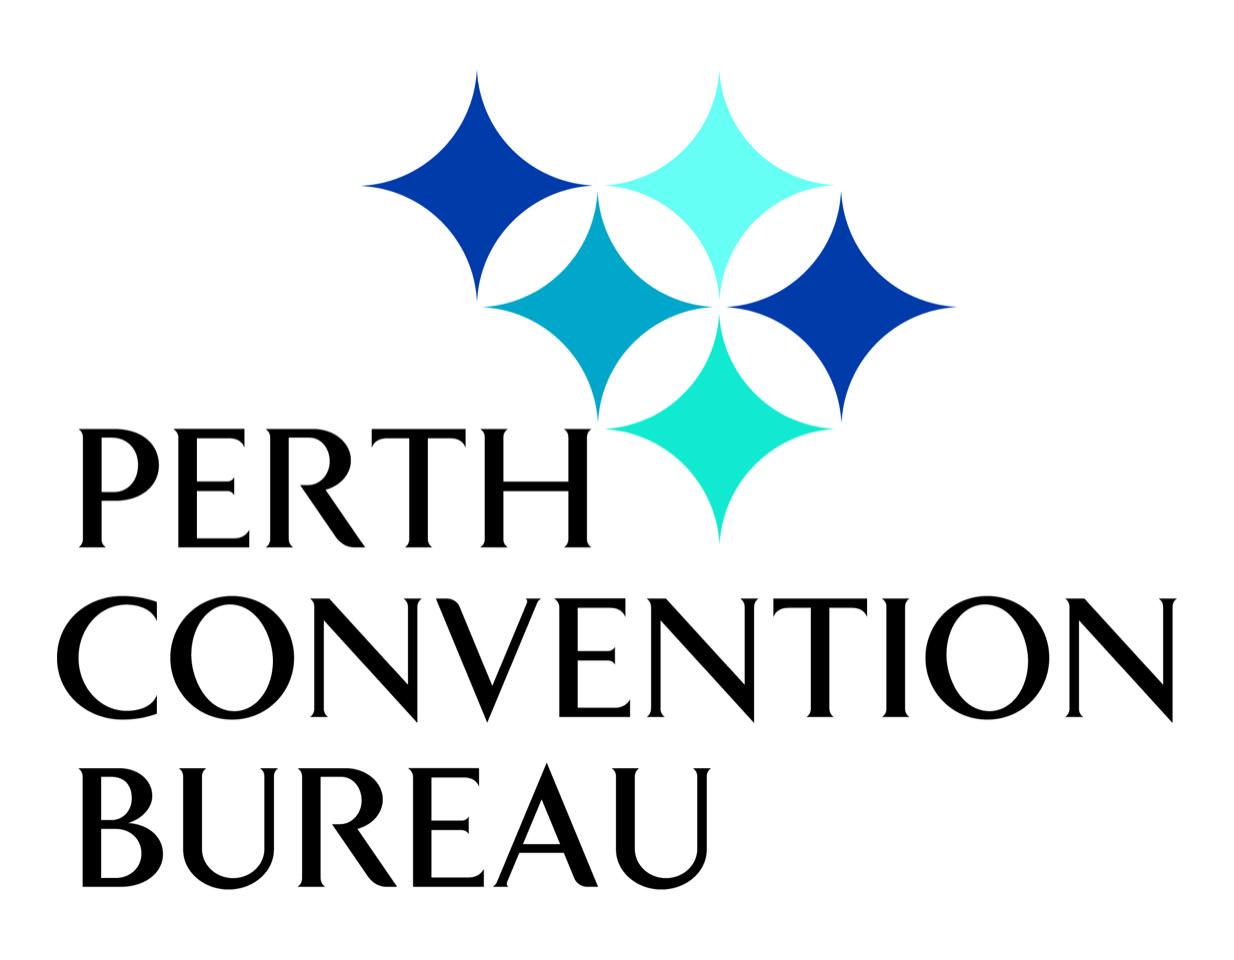 PerthConventionBureau